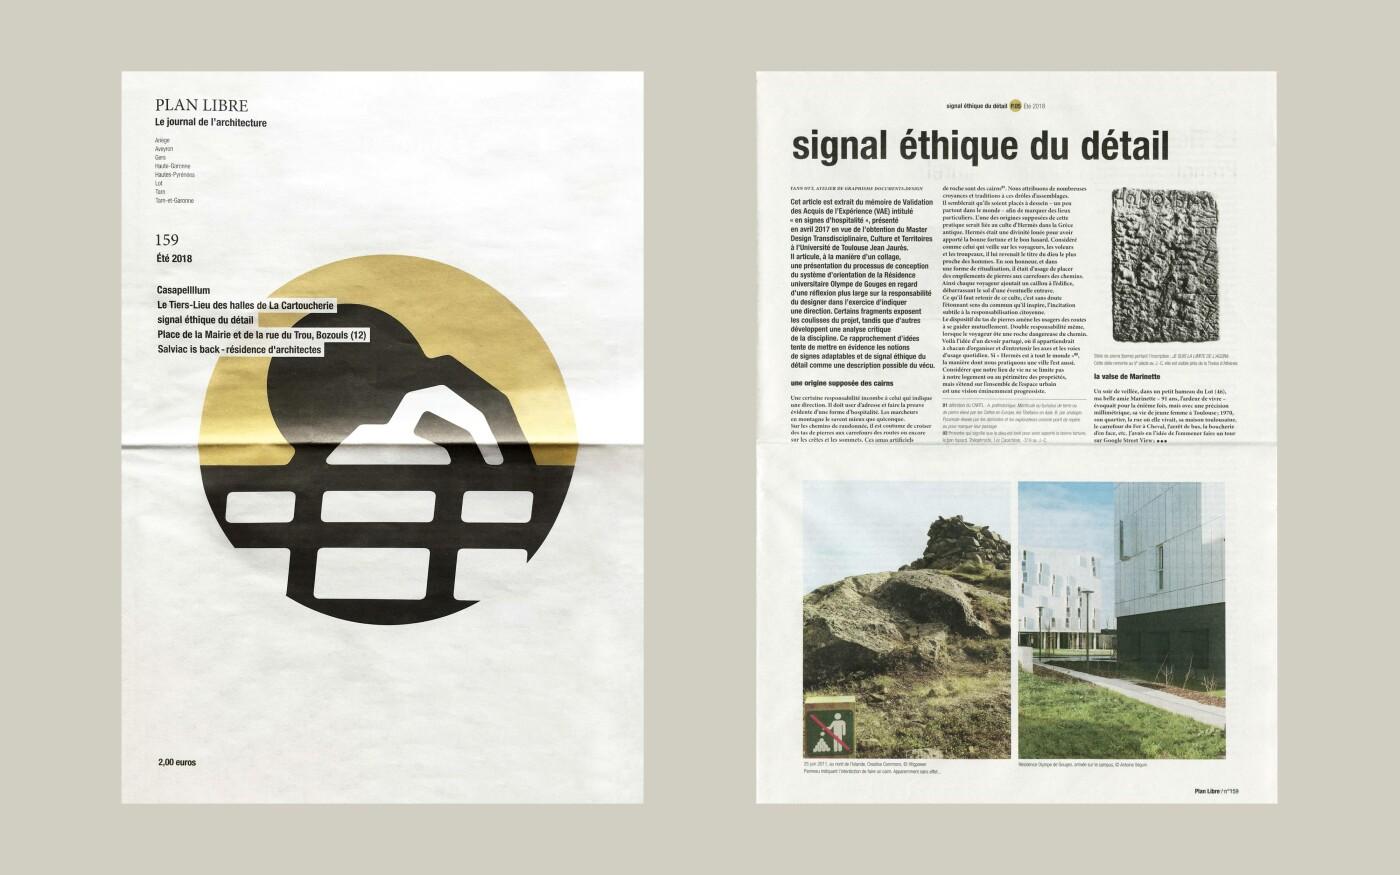 Article « Signal éthique du détail »